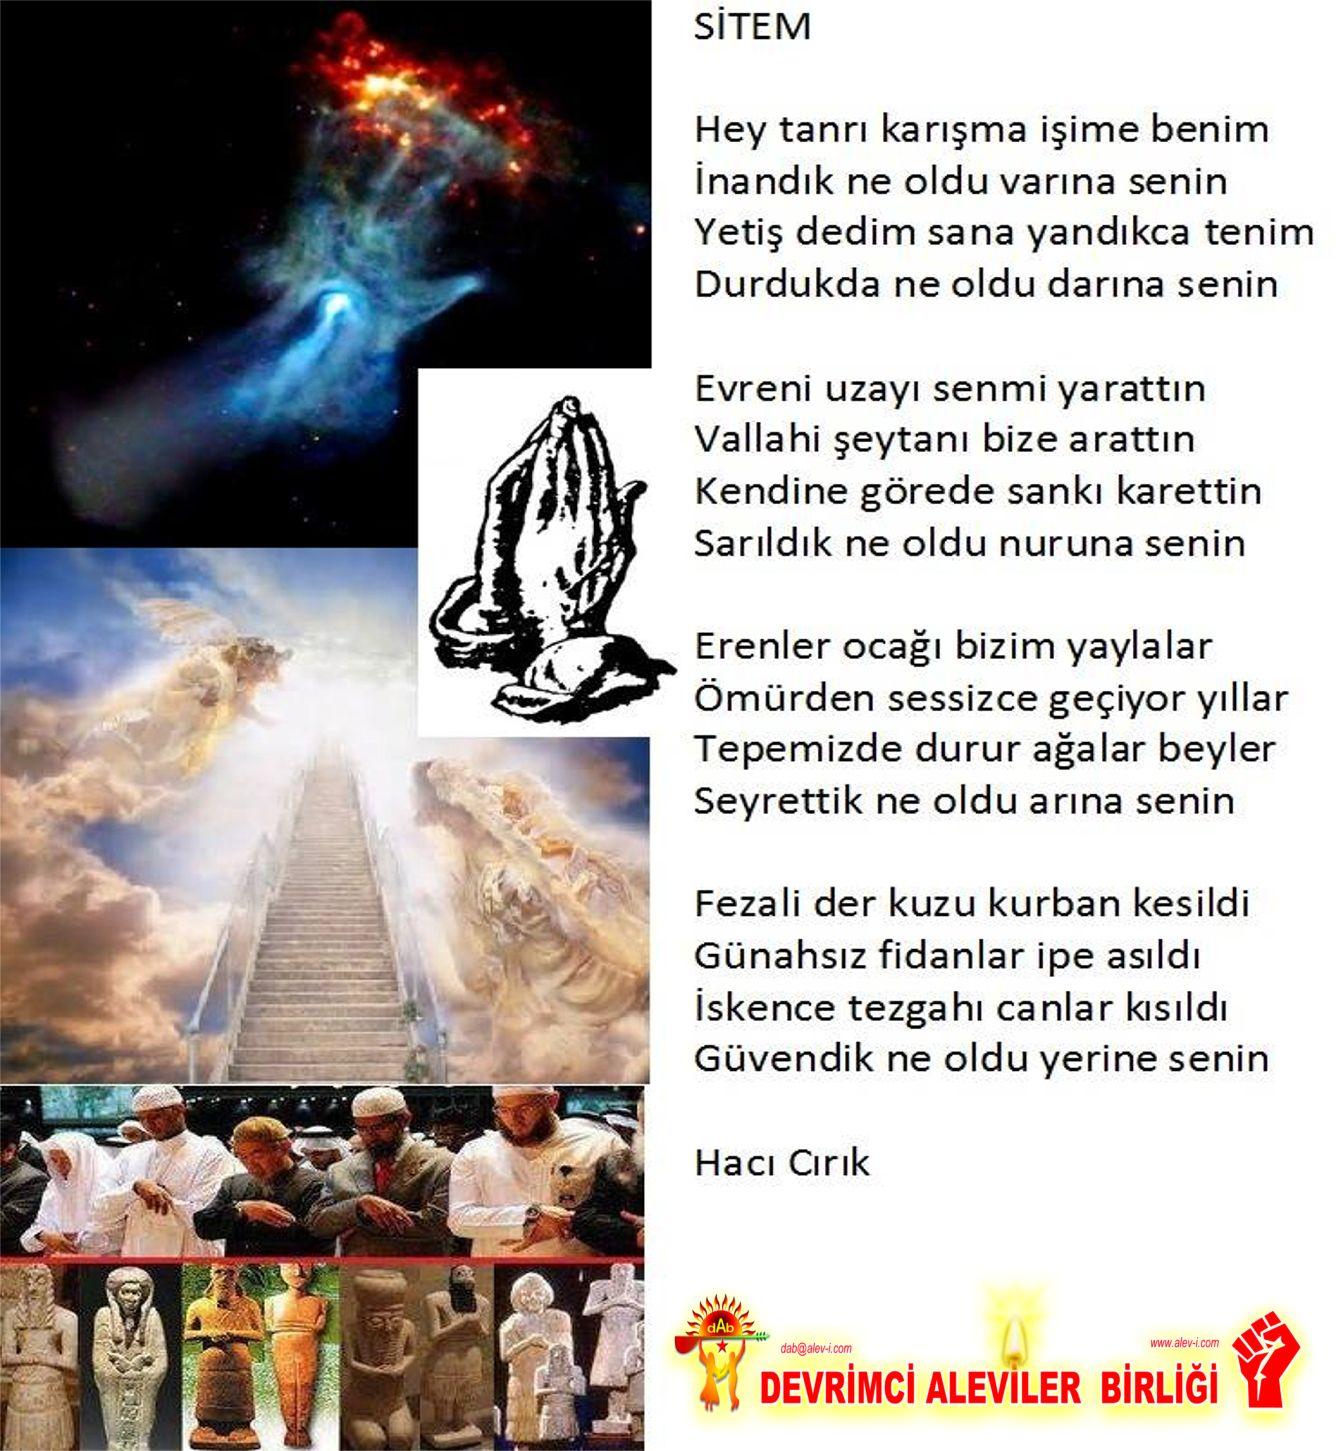 Devrimci Aleviler Birliği DAB Alevi Kızılbaş Bektaşi pir sultan cem hz Ali 12 imam semah Feramuz Şah Acar senin stimen haci cirik